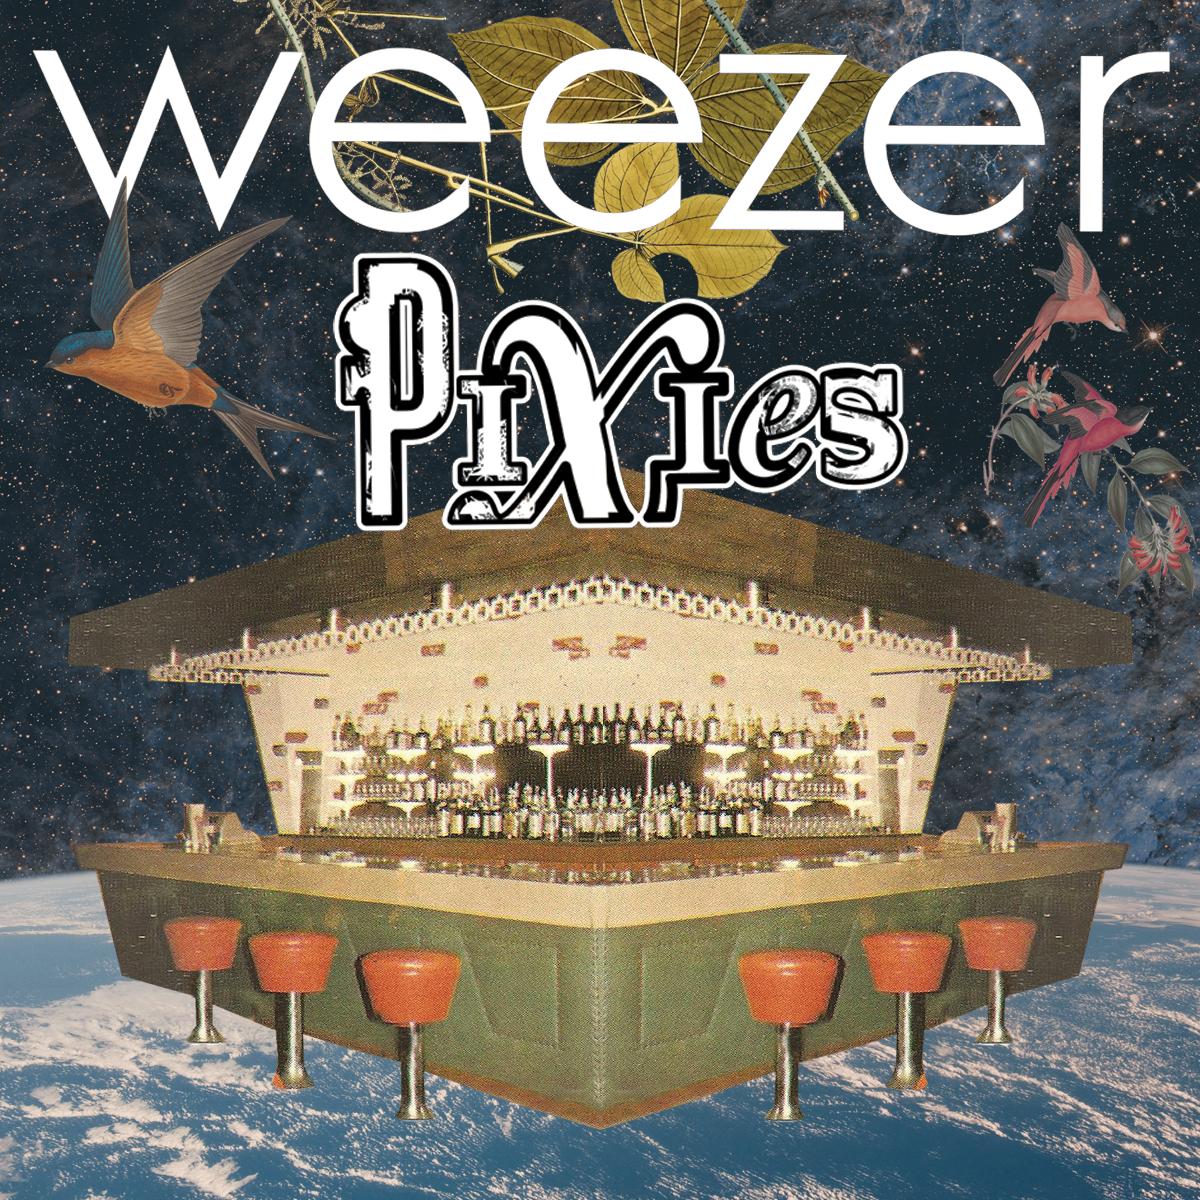 Weezer - 11.1.17 - Event.png